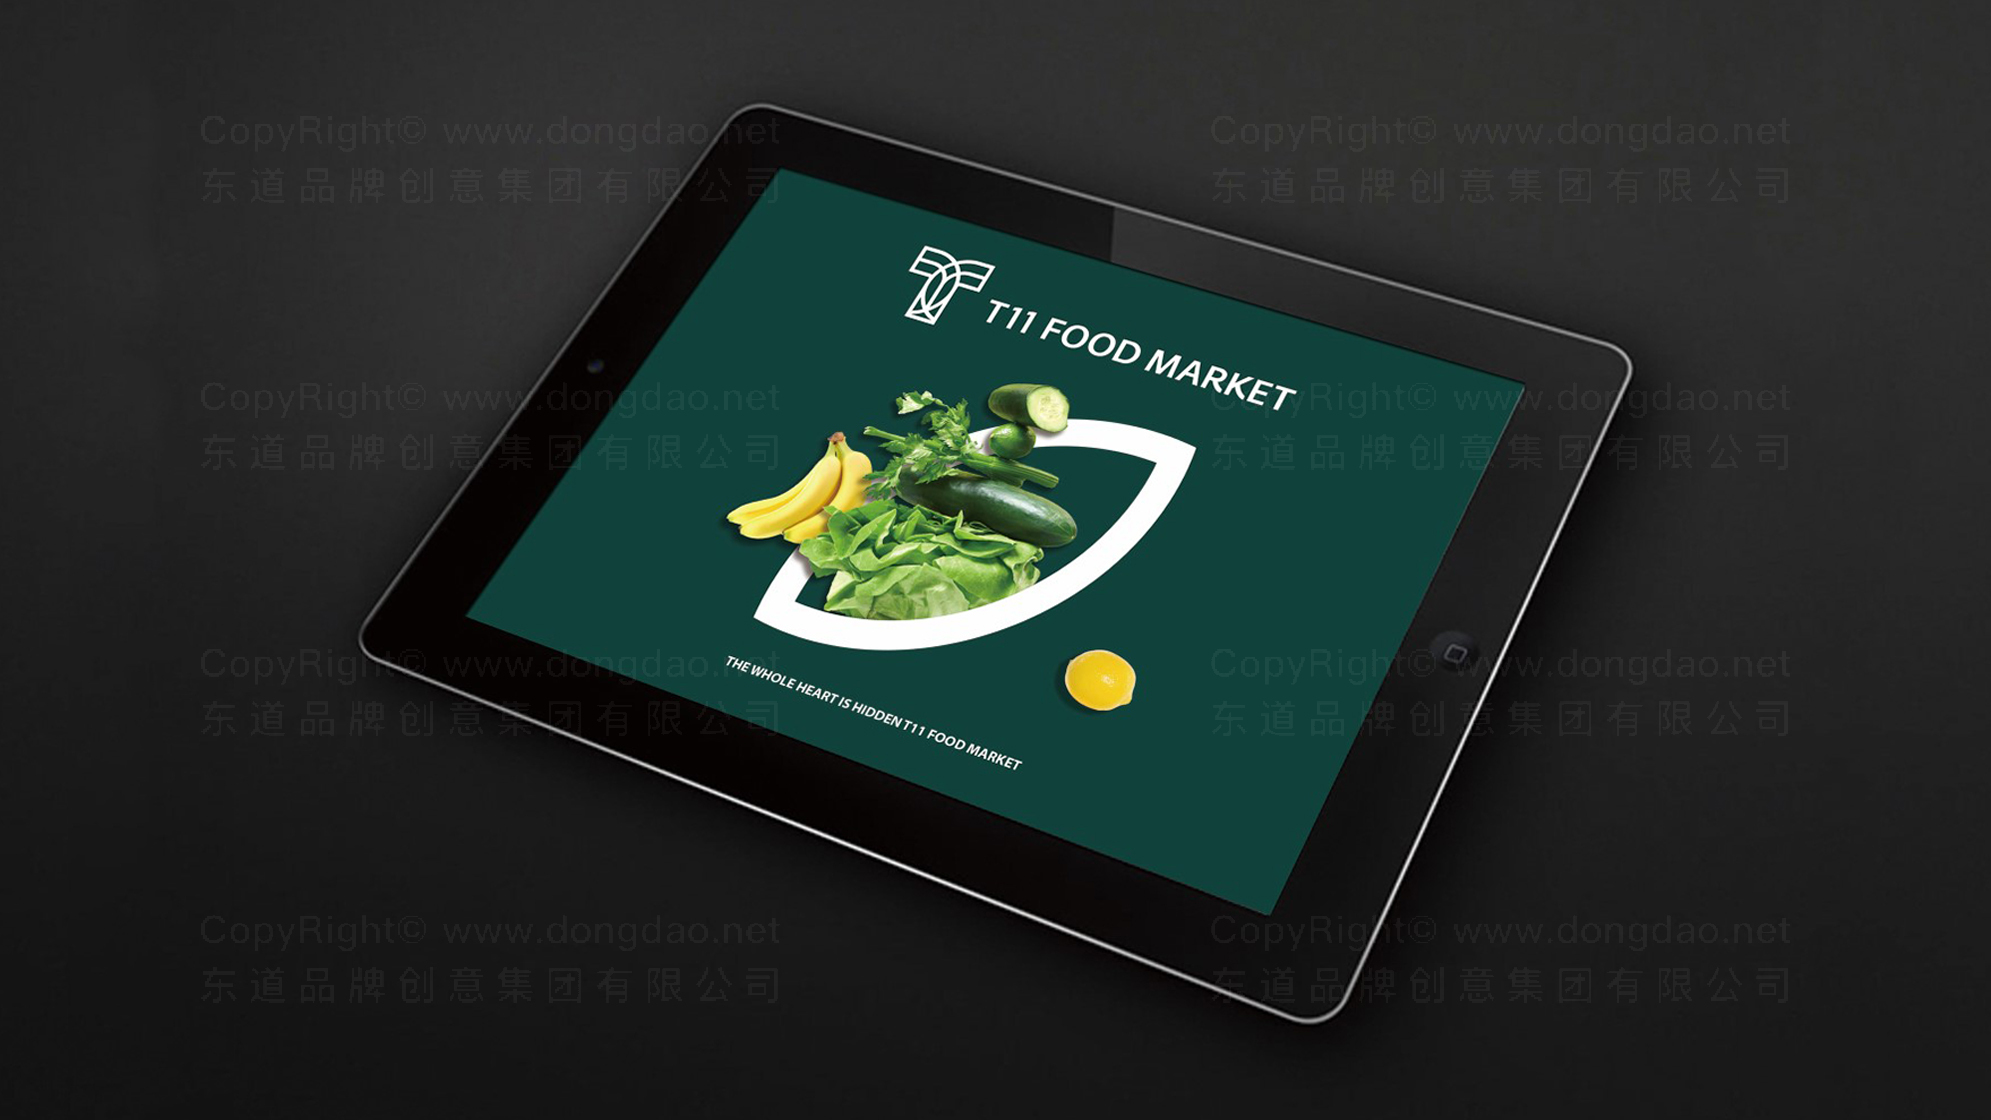 品牌设计T11超市LOGO&VI设计应用场景_10